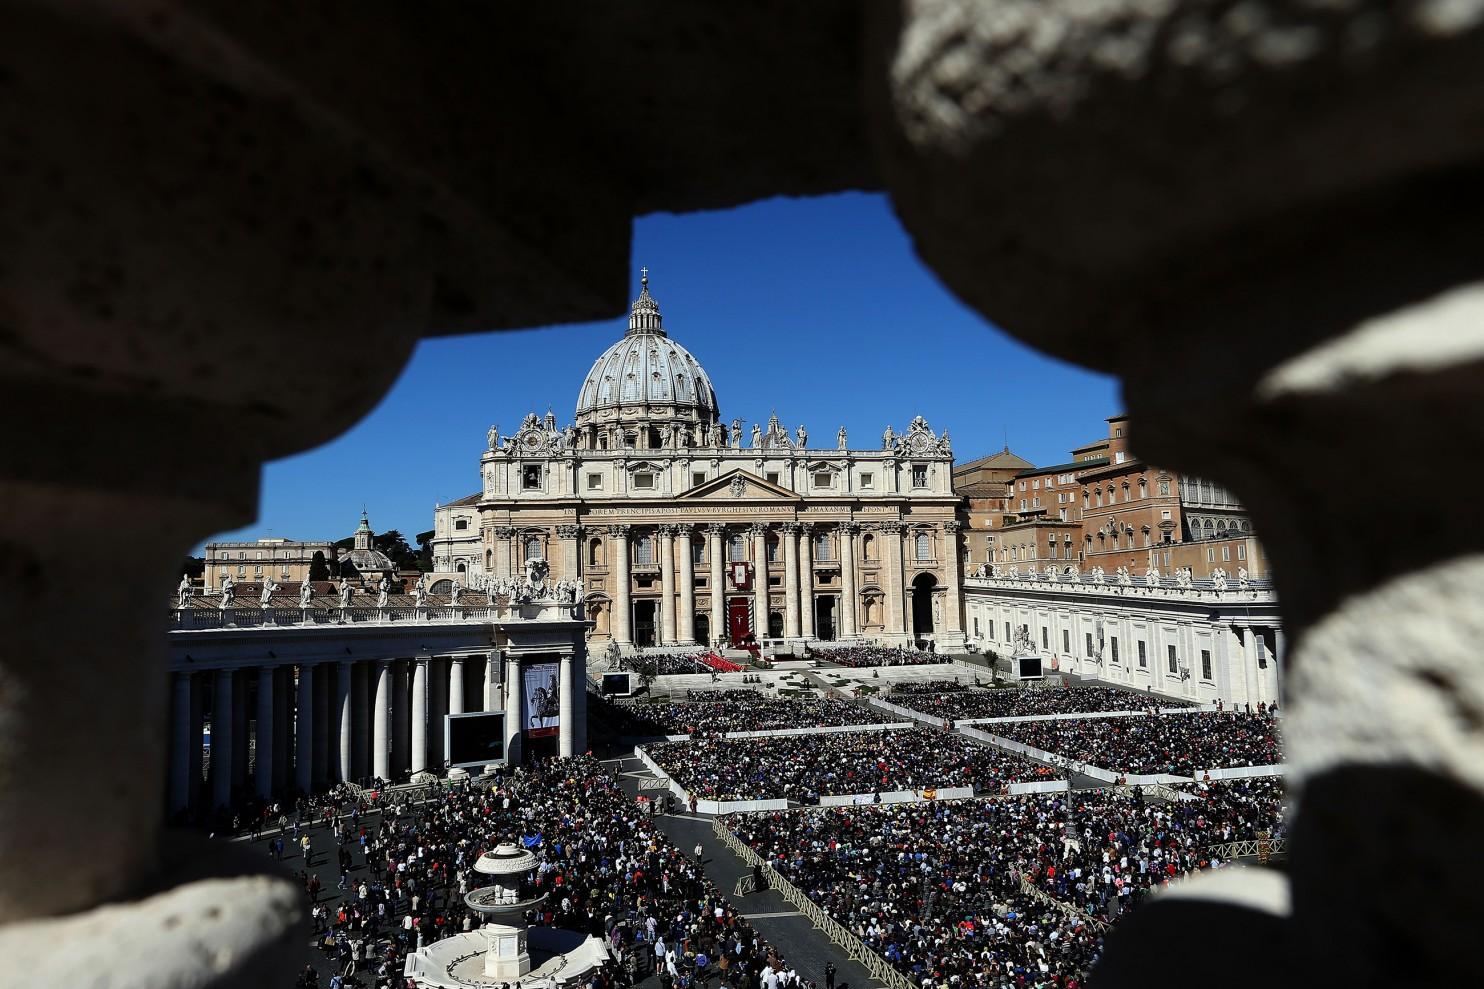 Impresionates Imágenes de Semana Santa alrededor del mundo7